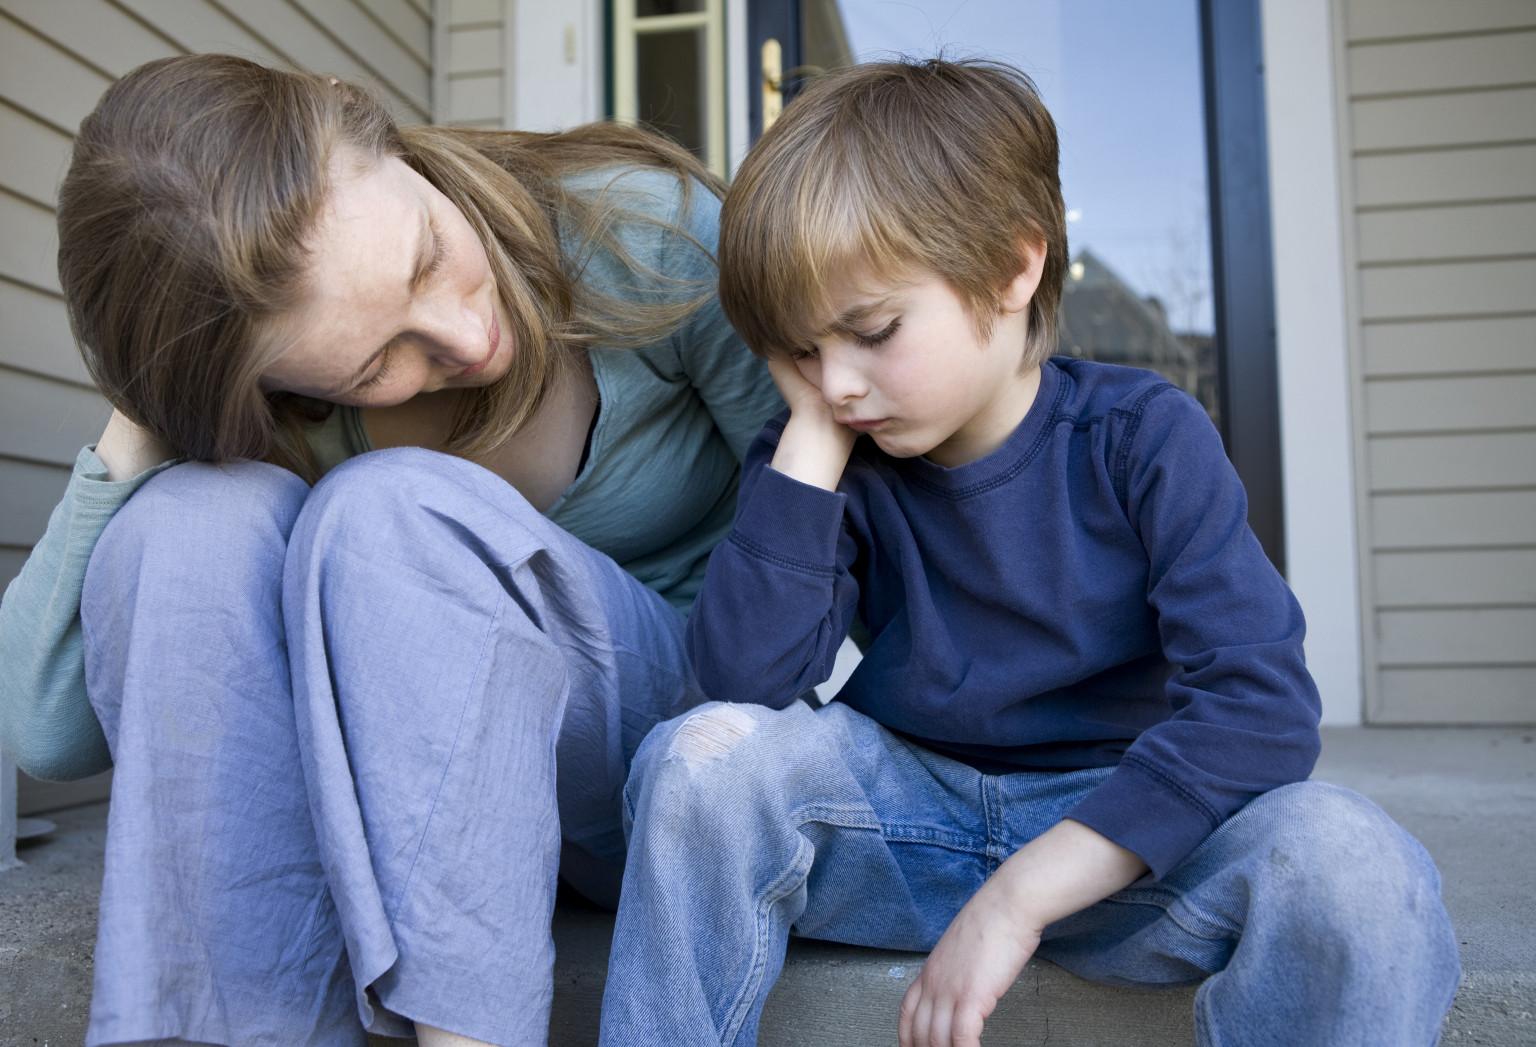 Осем фрази, които родителите никога не трябва да казват на децата си